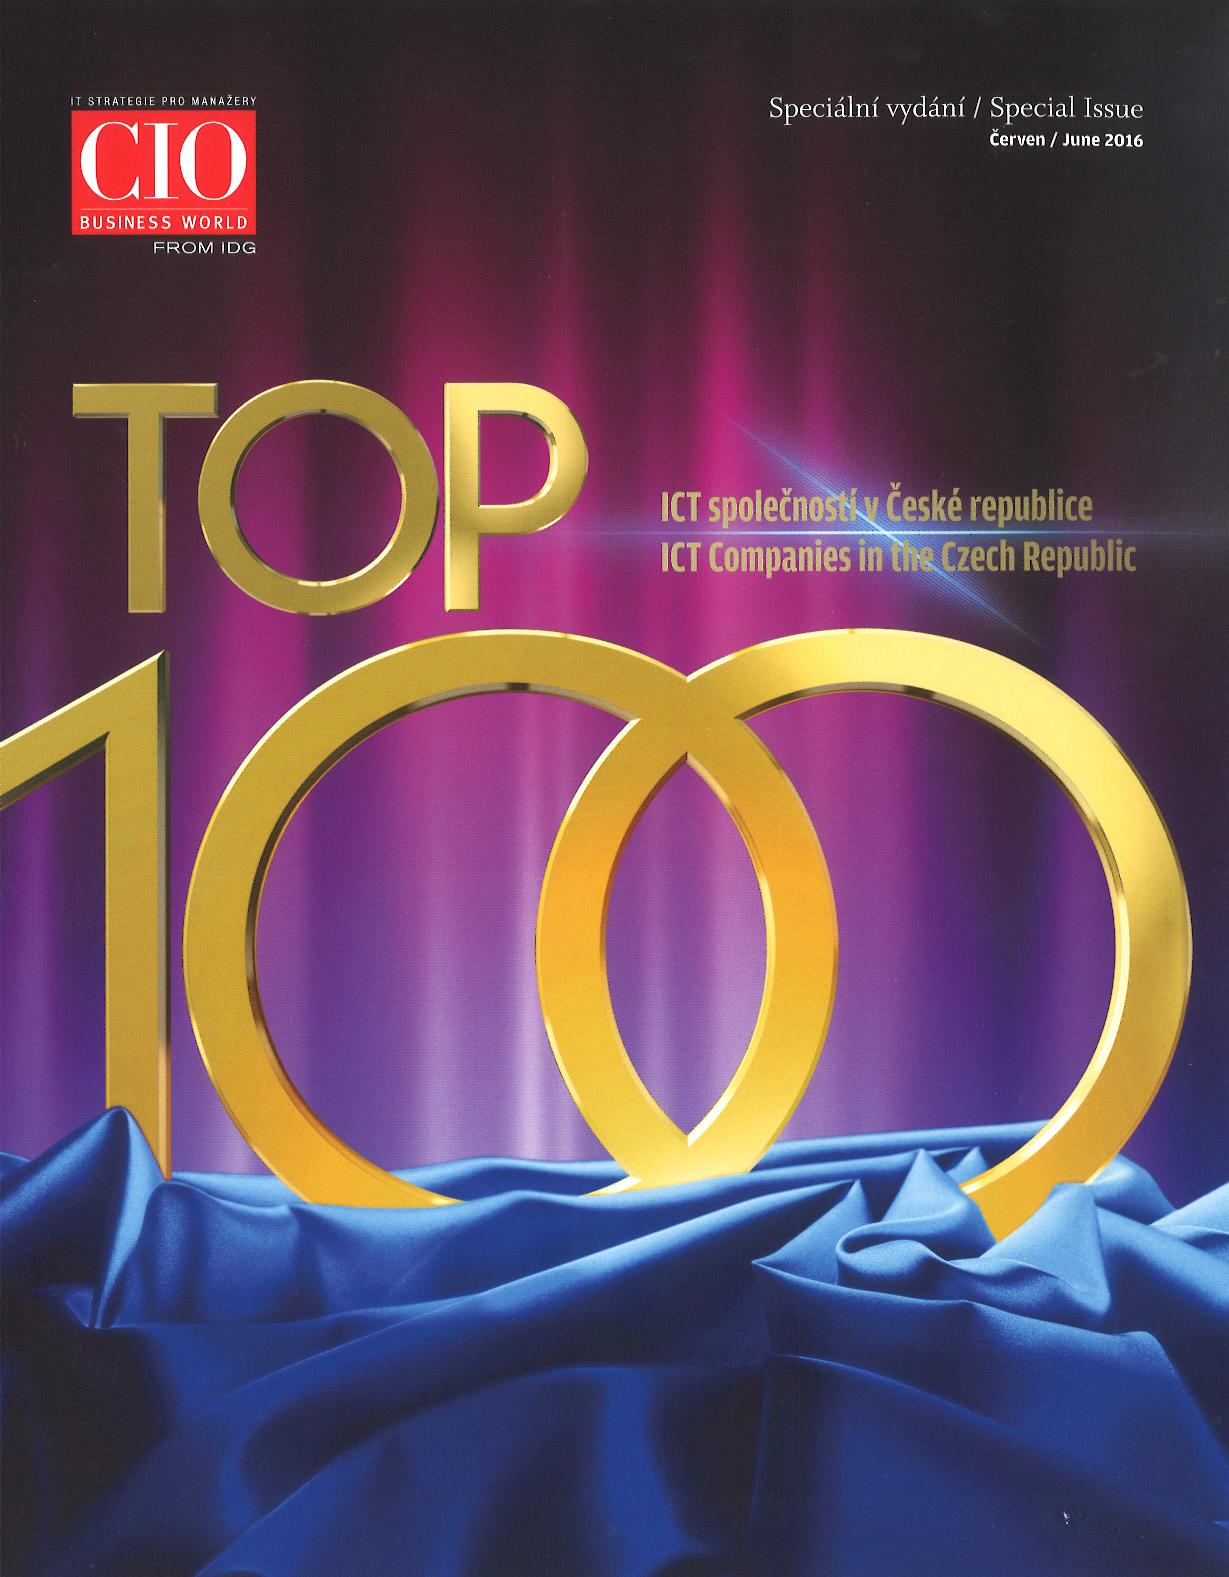 OKsystem je 40. v anketě TOP 100 ICT společností